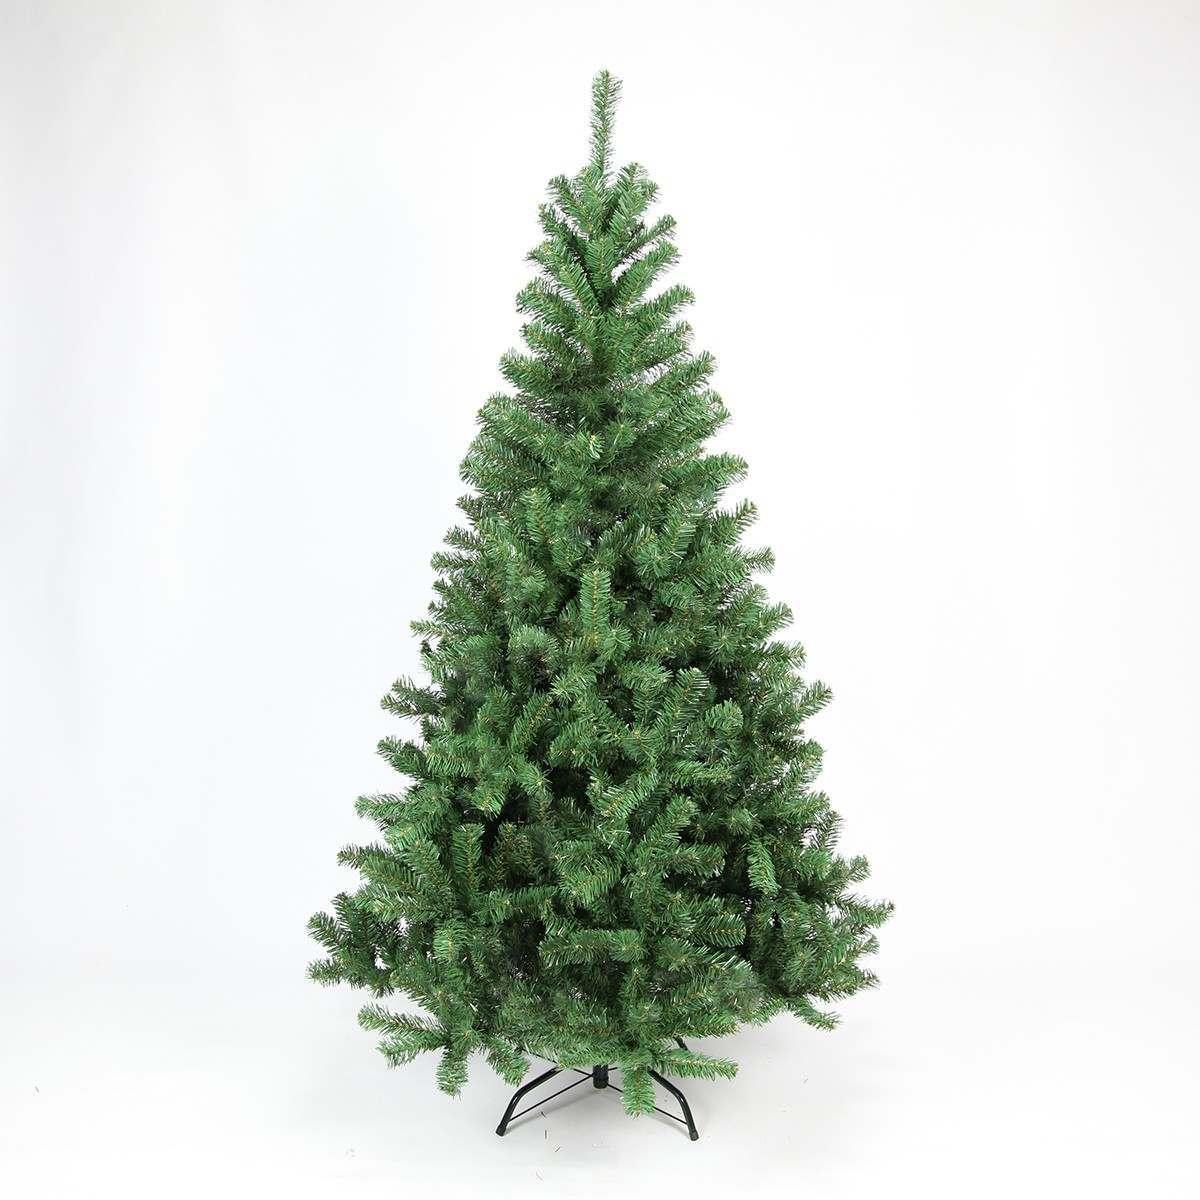 180cm Green Artificial Xmas Tree, 584 Tips